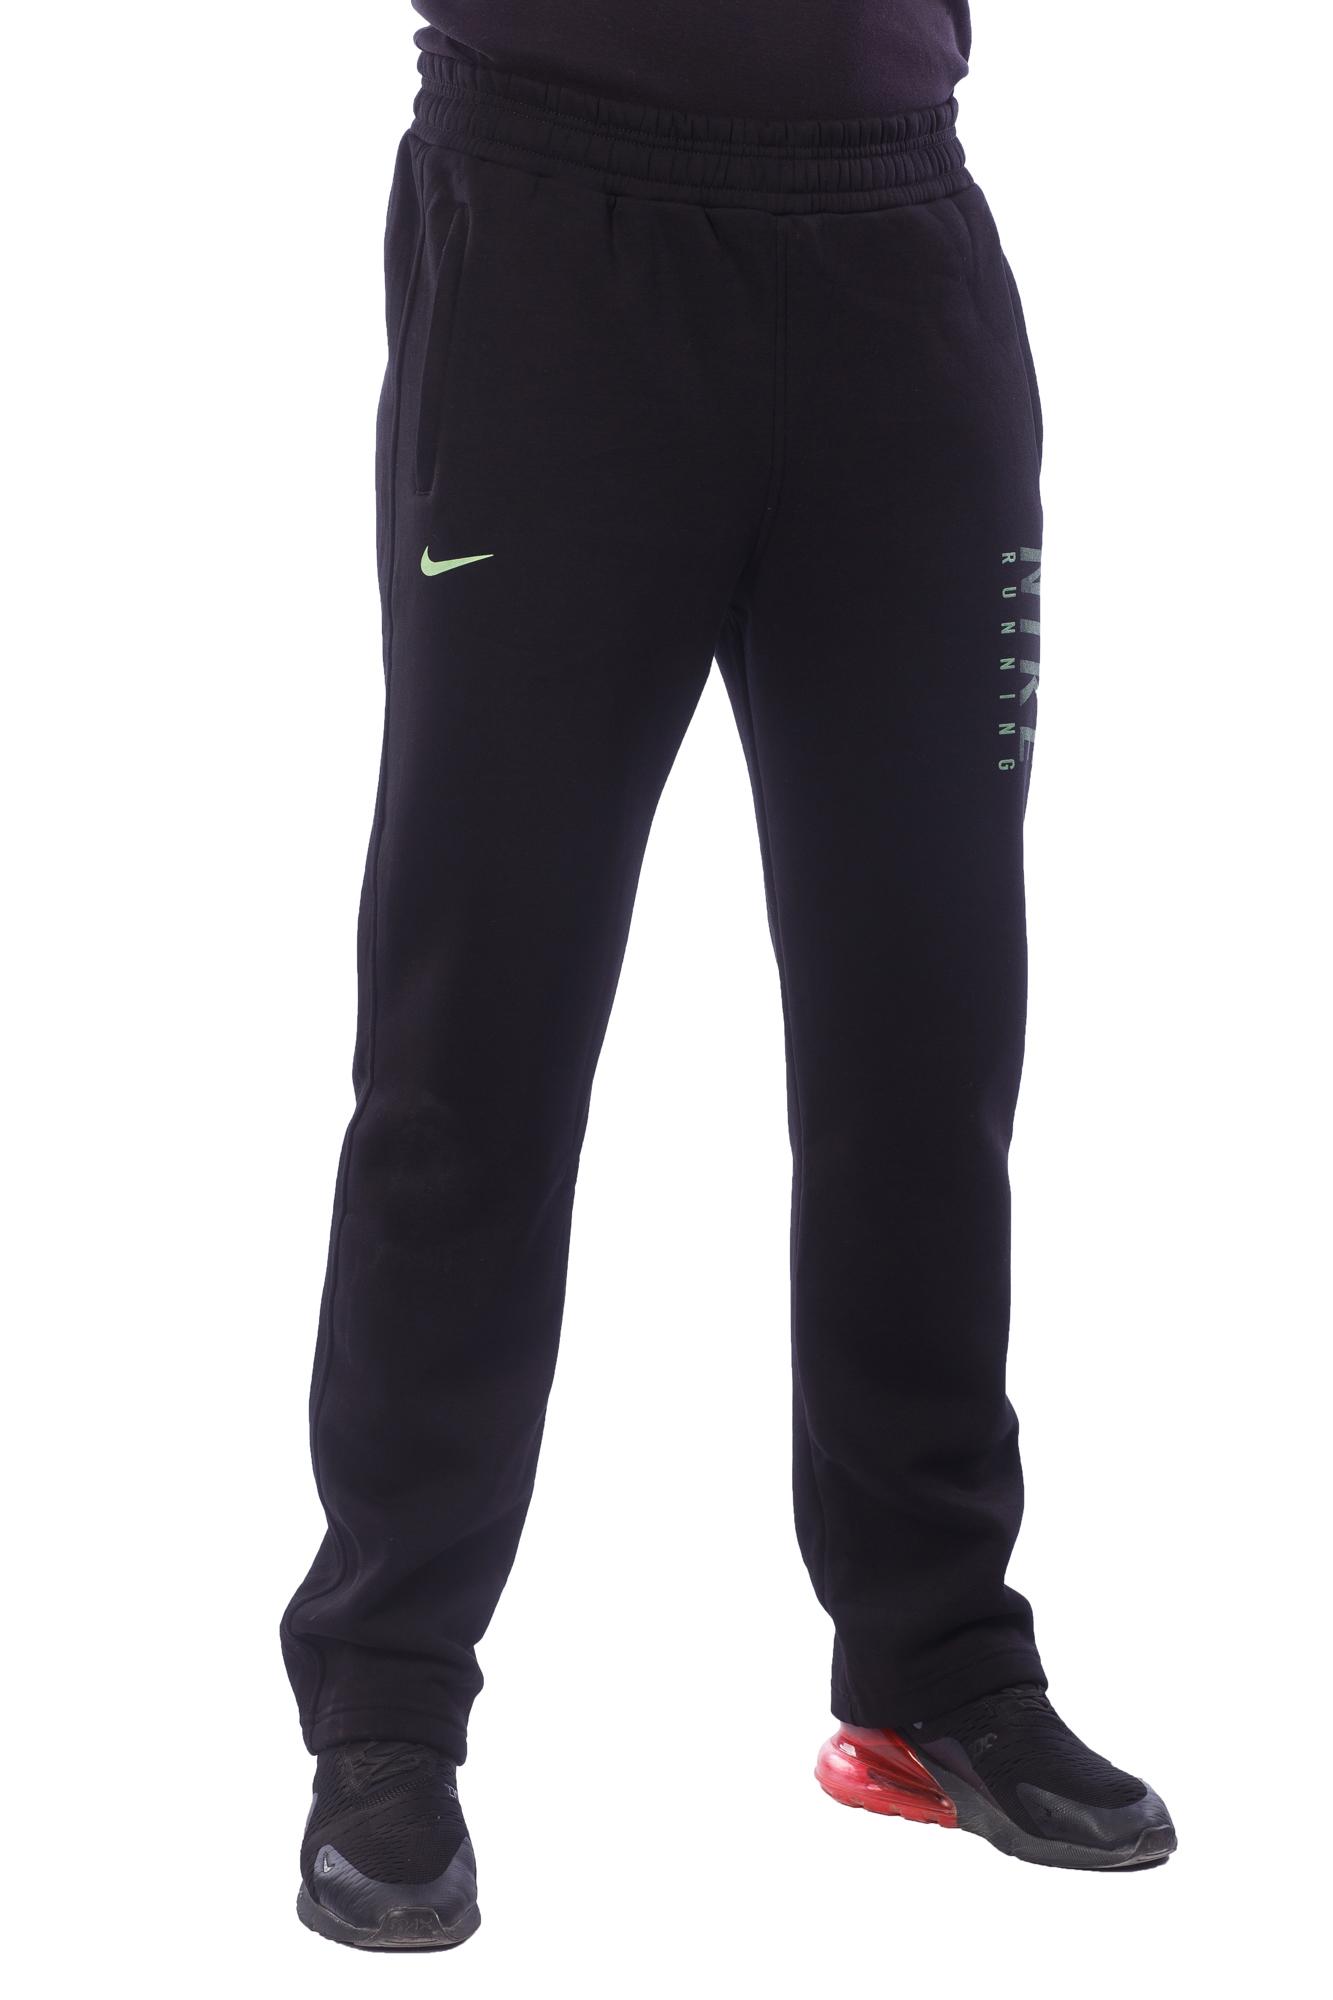 74f49a2f Купить оптом Мужские спортивные штаны Nike 1011 турецкого ...